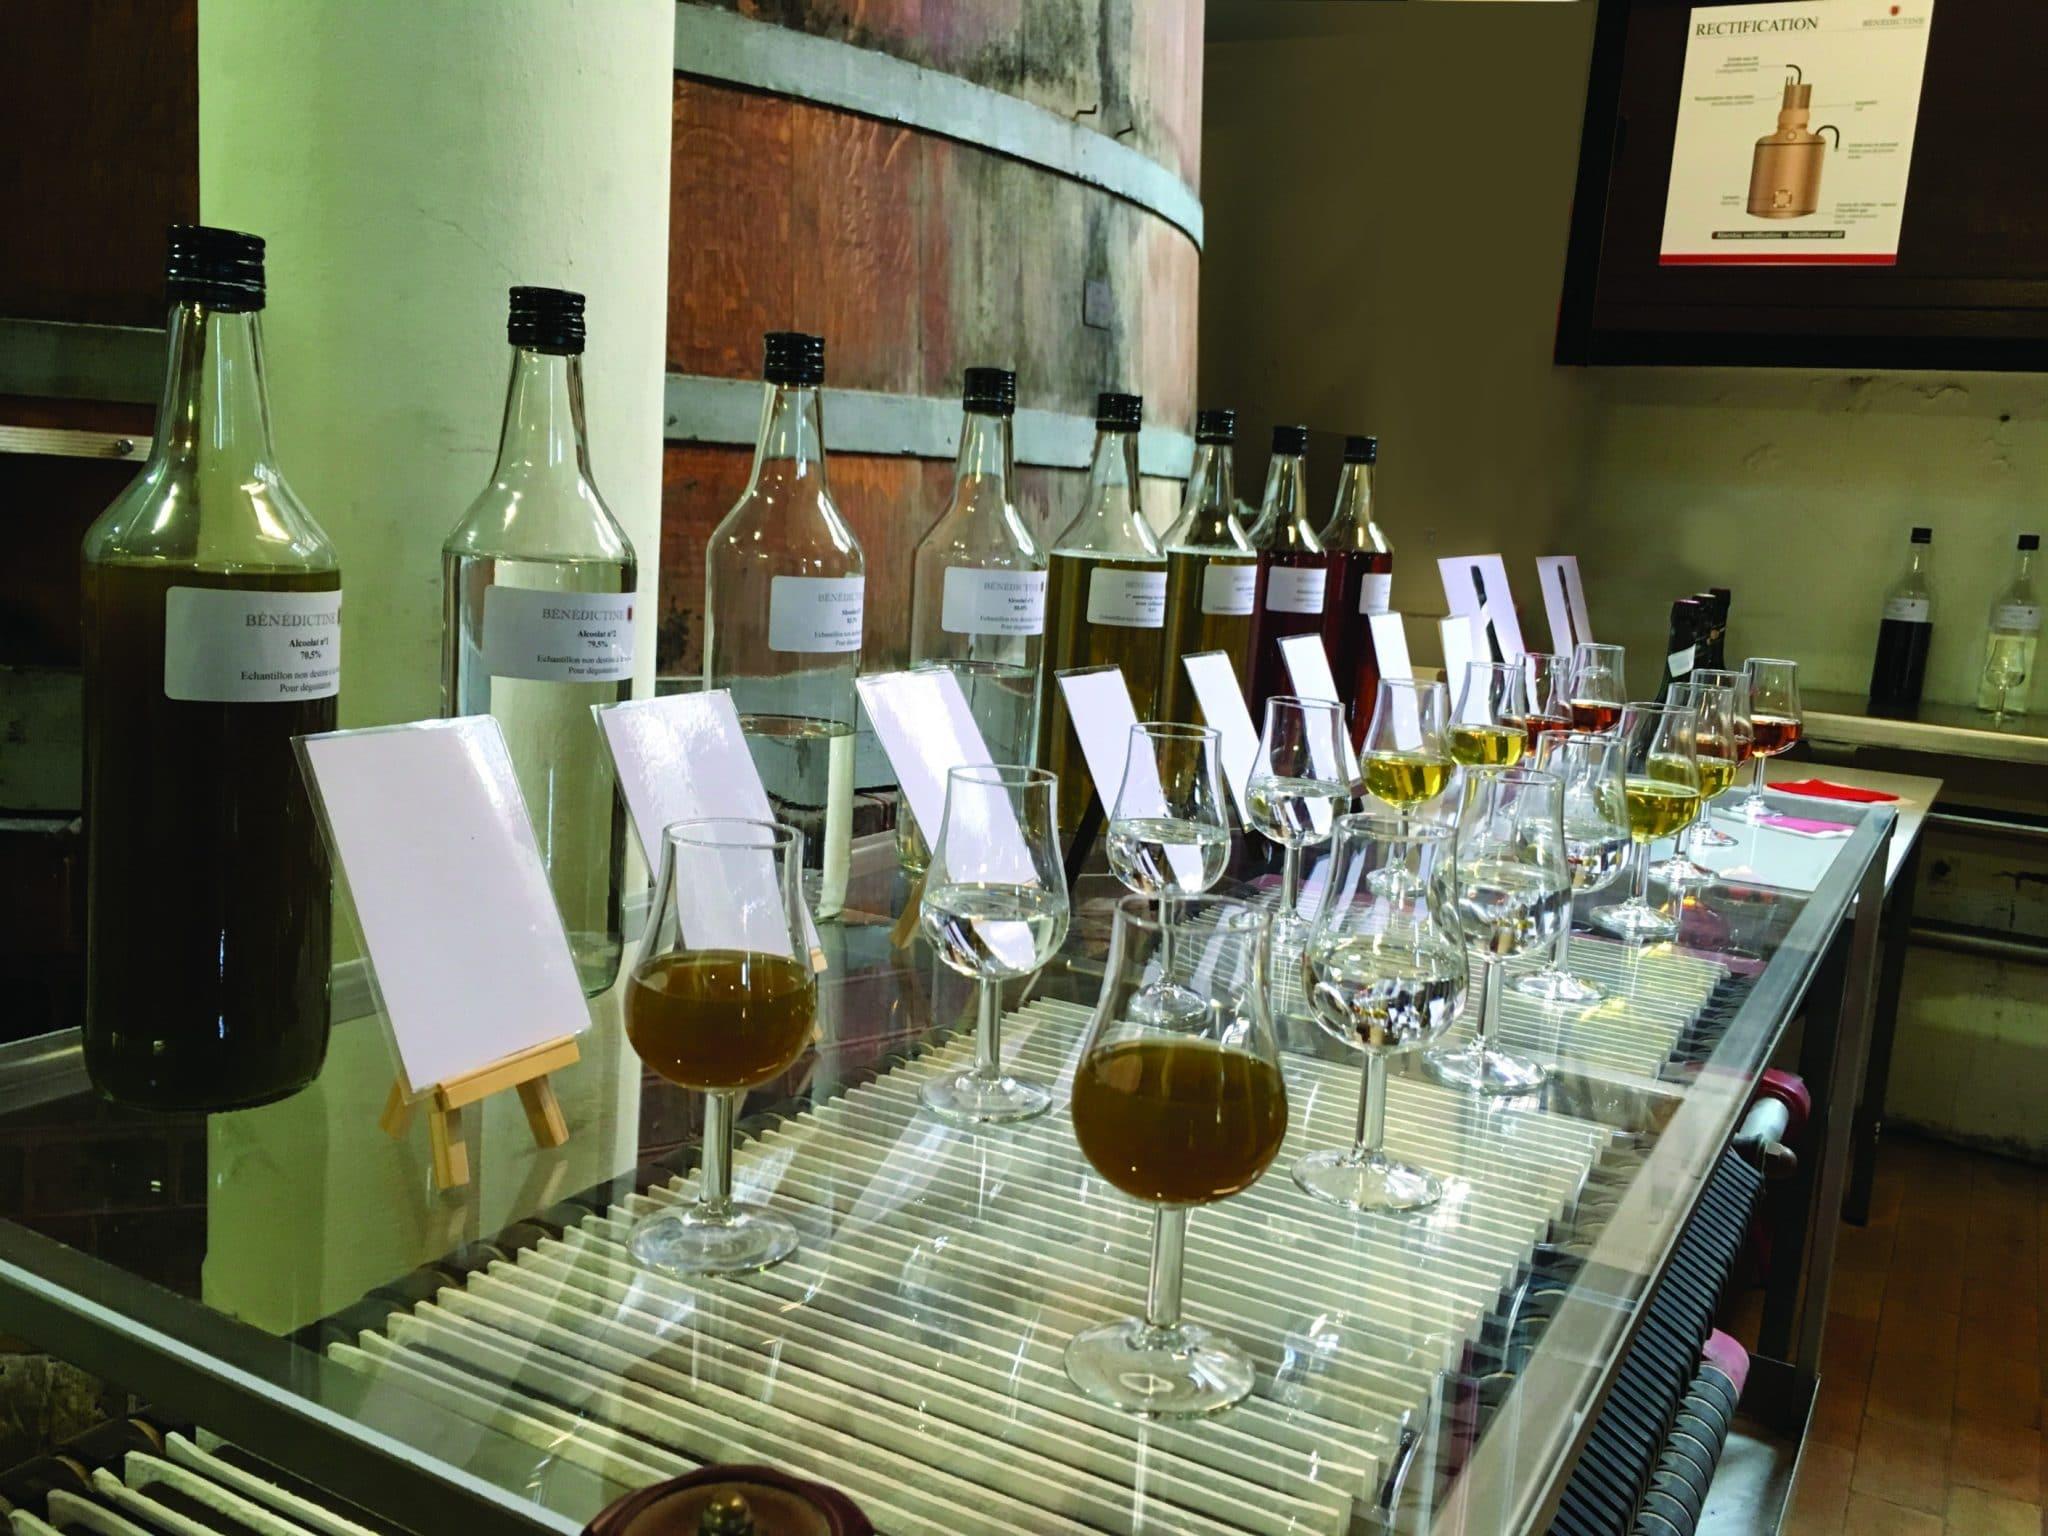 palais bénédictine visite dégustation atelier mixologie paris alcool digestif distillation atelier cocktails mixologie